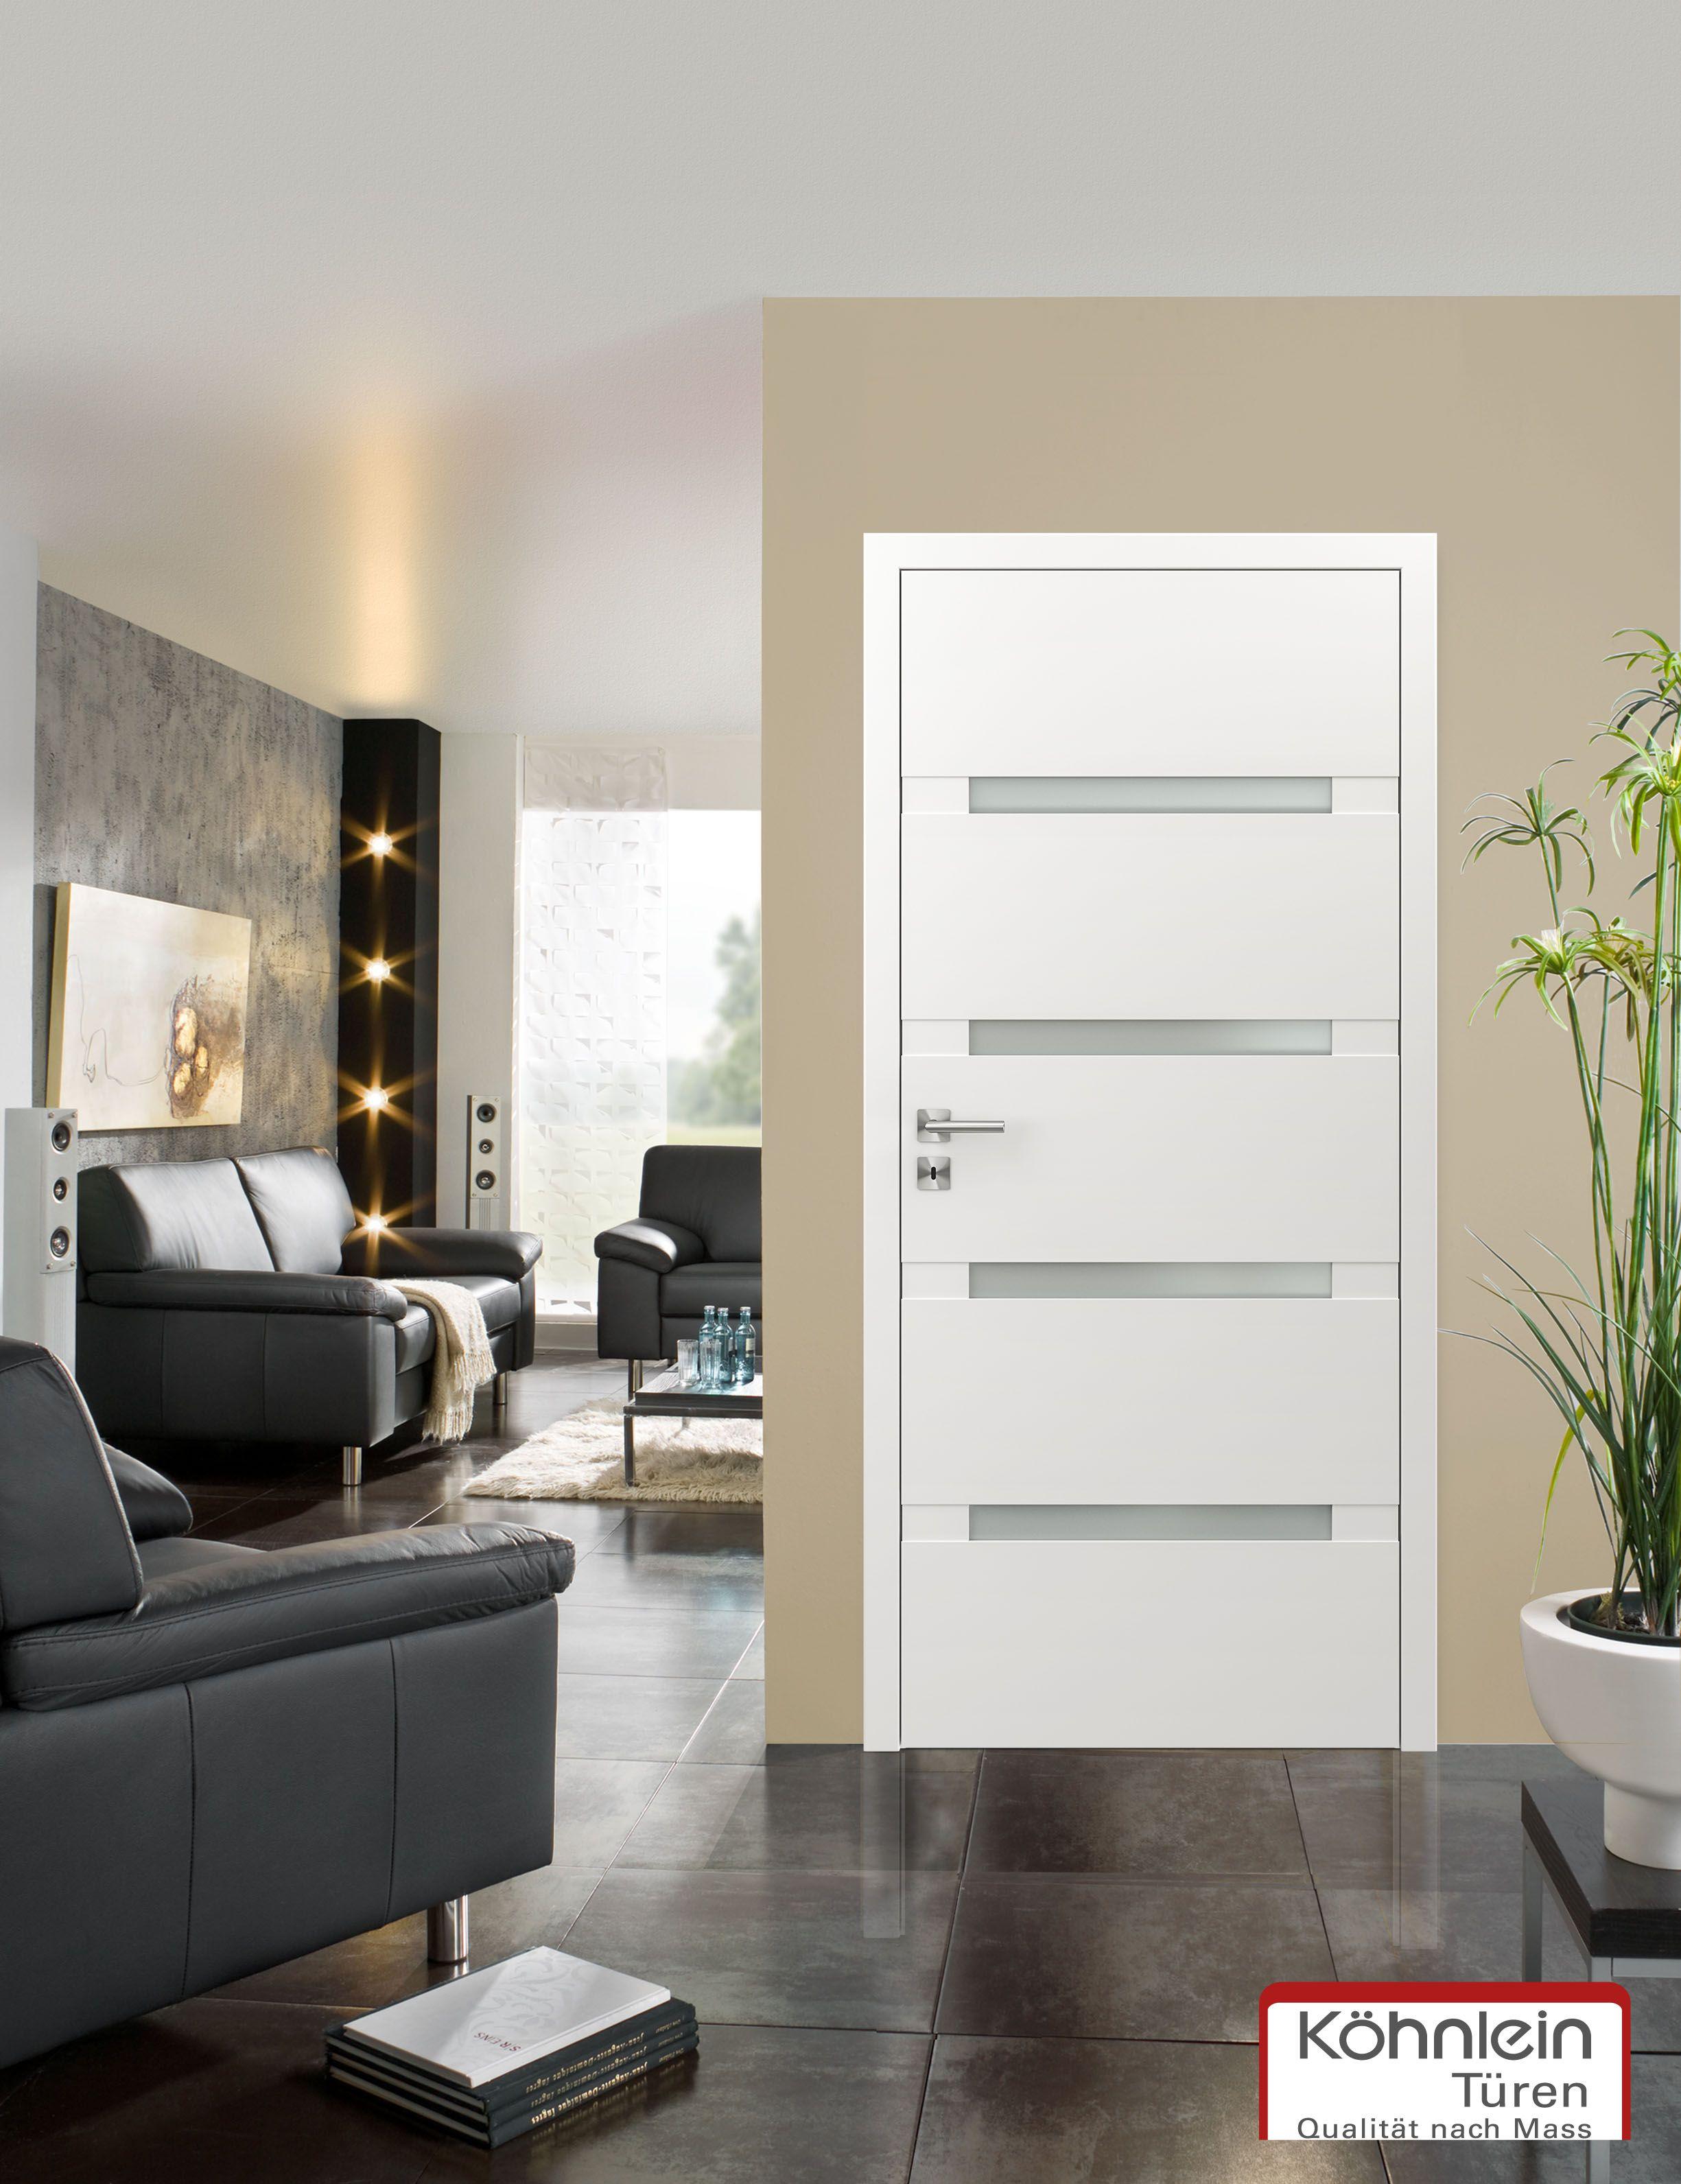 Zimmertüren grau  Schmale Lichtausschnitte bei Zimmertüren, unser Beispiel zeigt ...